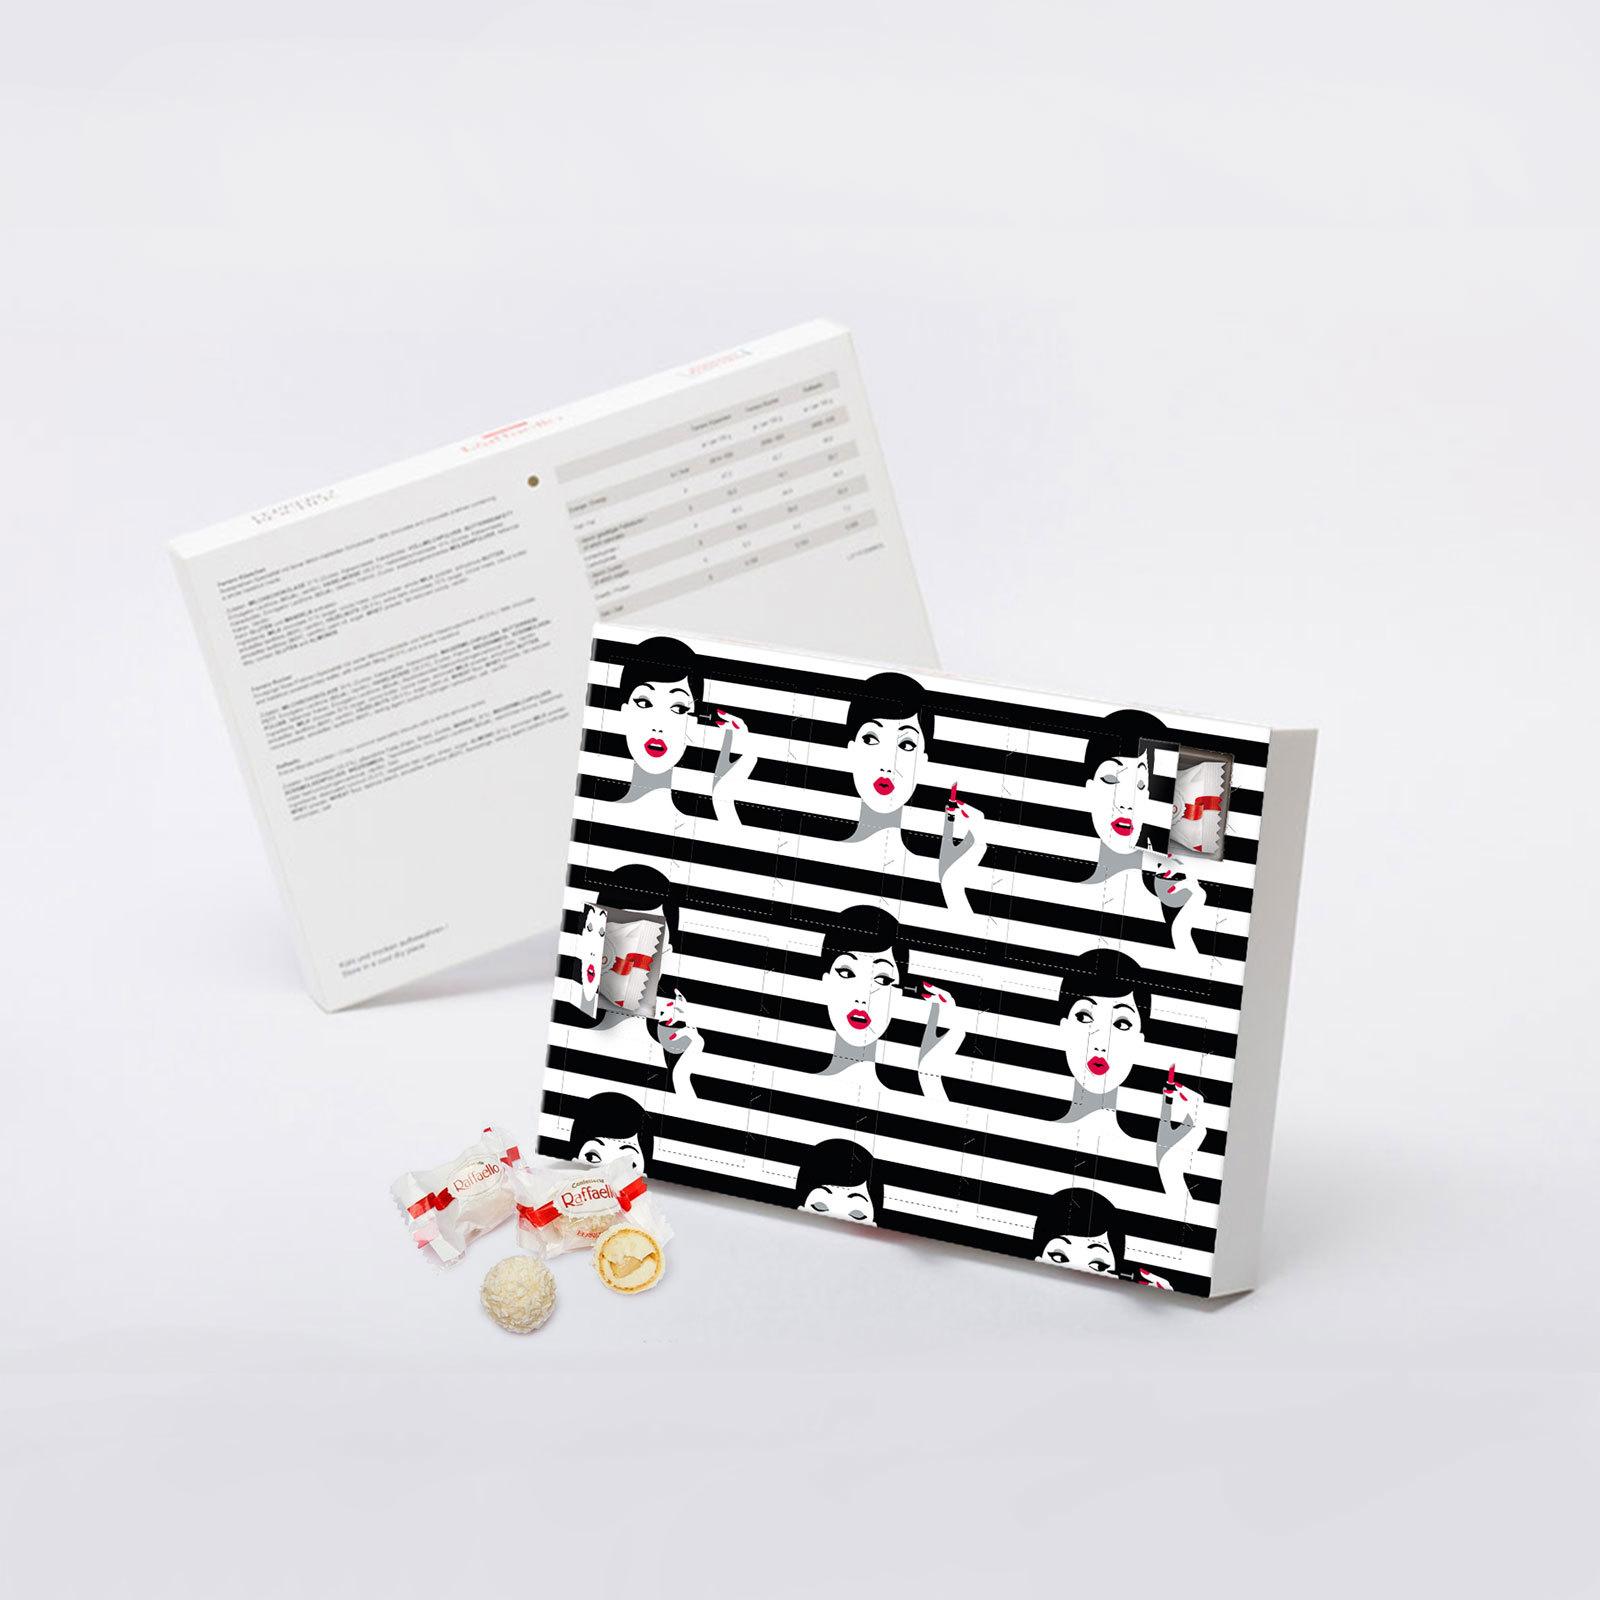 Корпортативная подарочная коробка с конфетами Raffaello на 8 марта